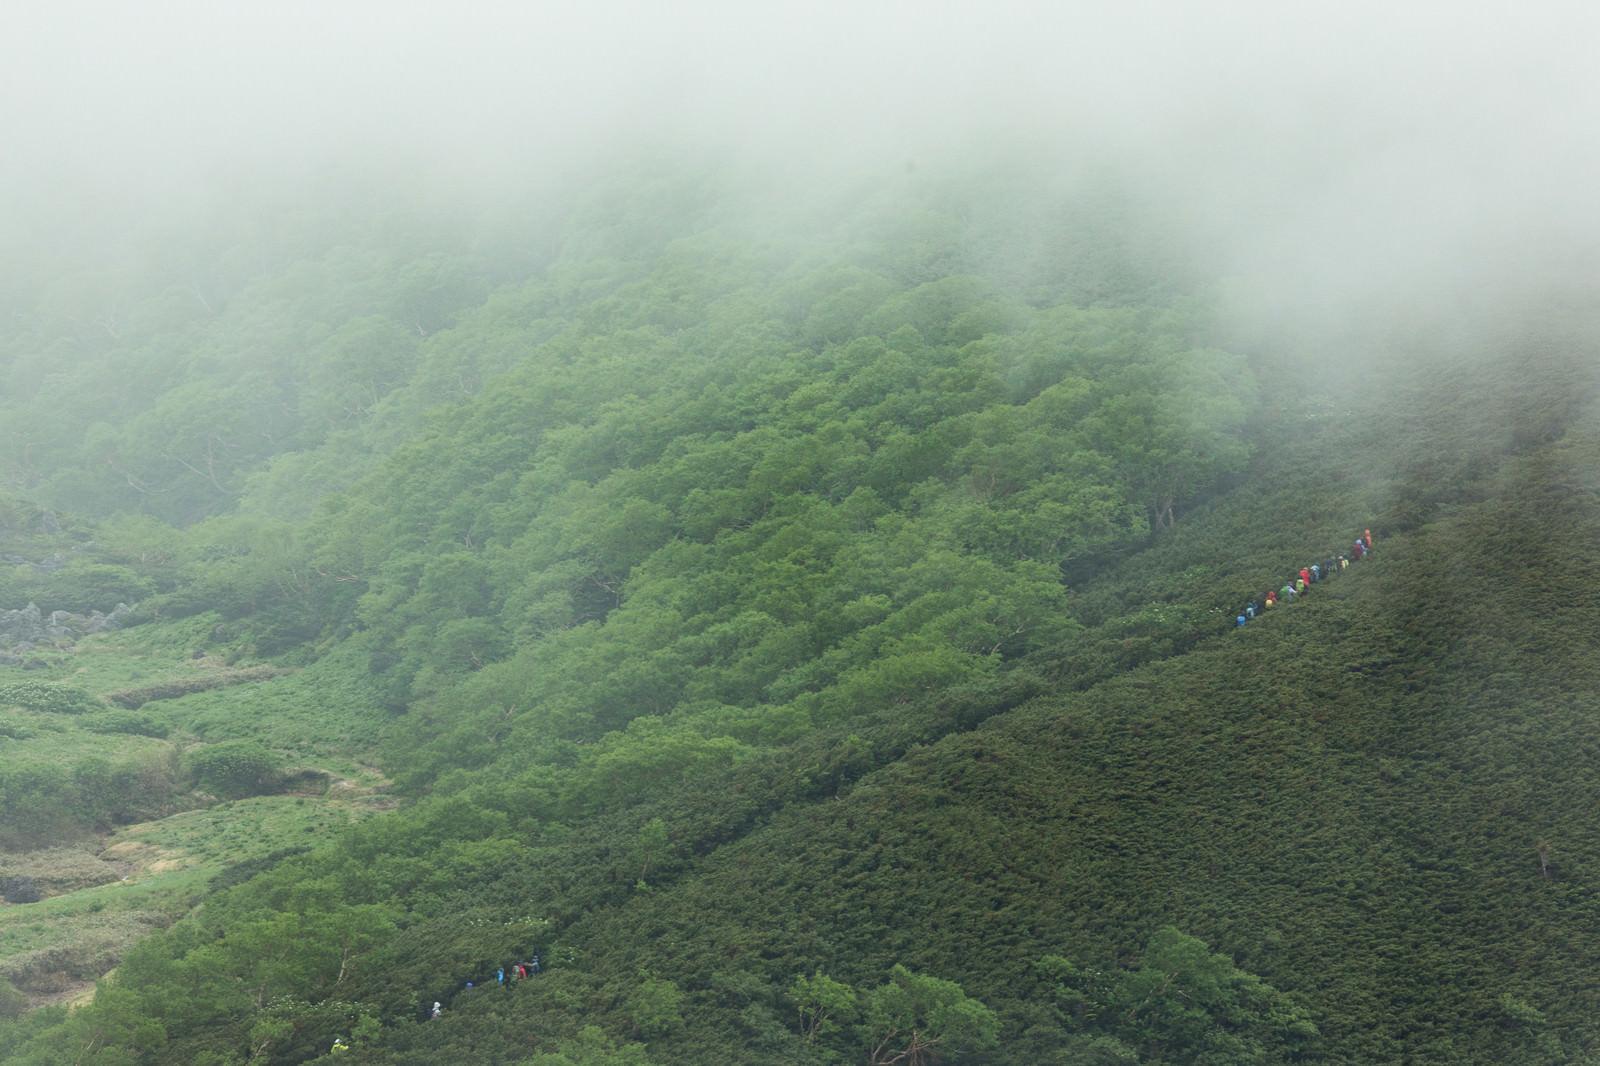 「霧が多い山の中をすすむ登山者一行霧が多い山の中をすすむ登山者一行」のフリー写真素材を拡大